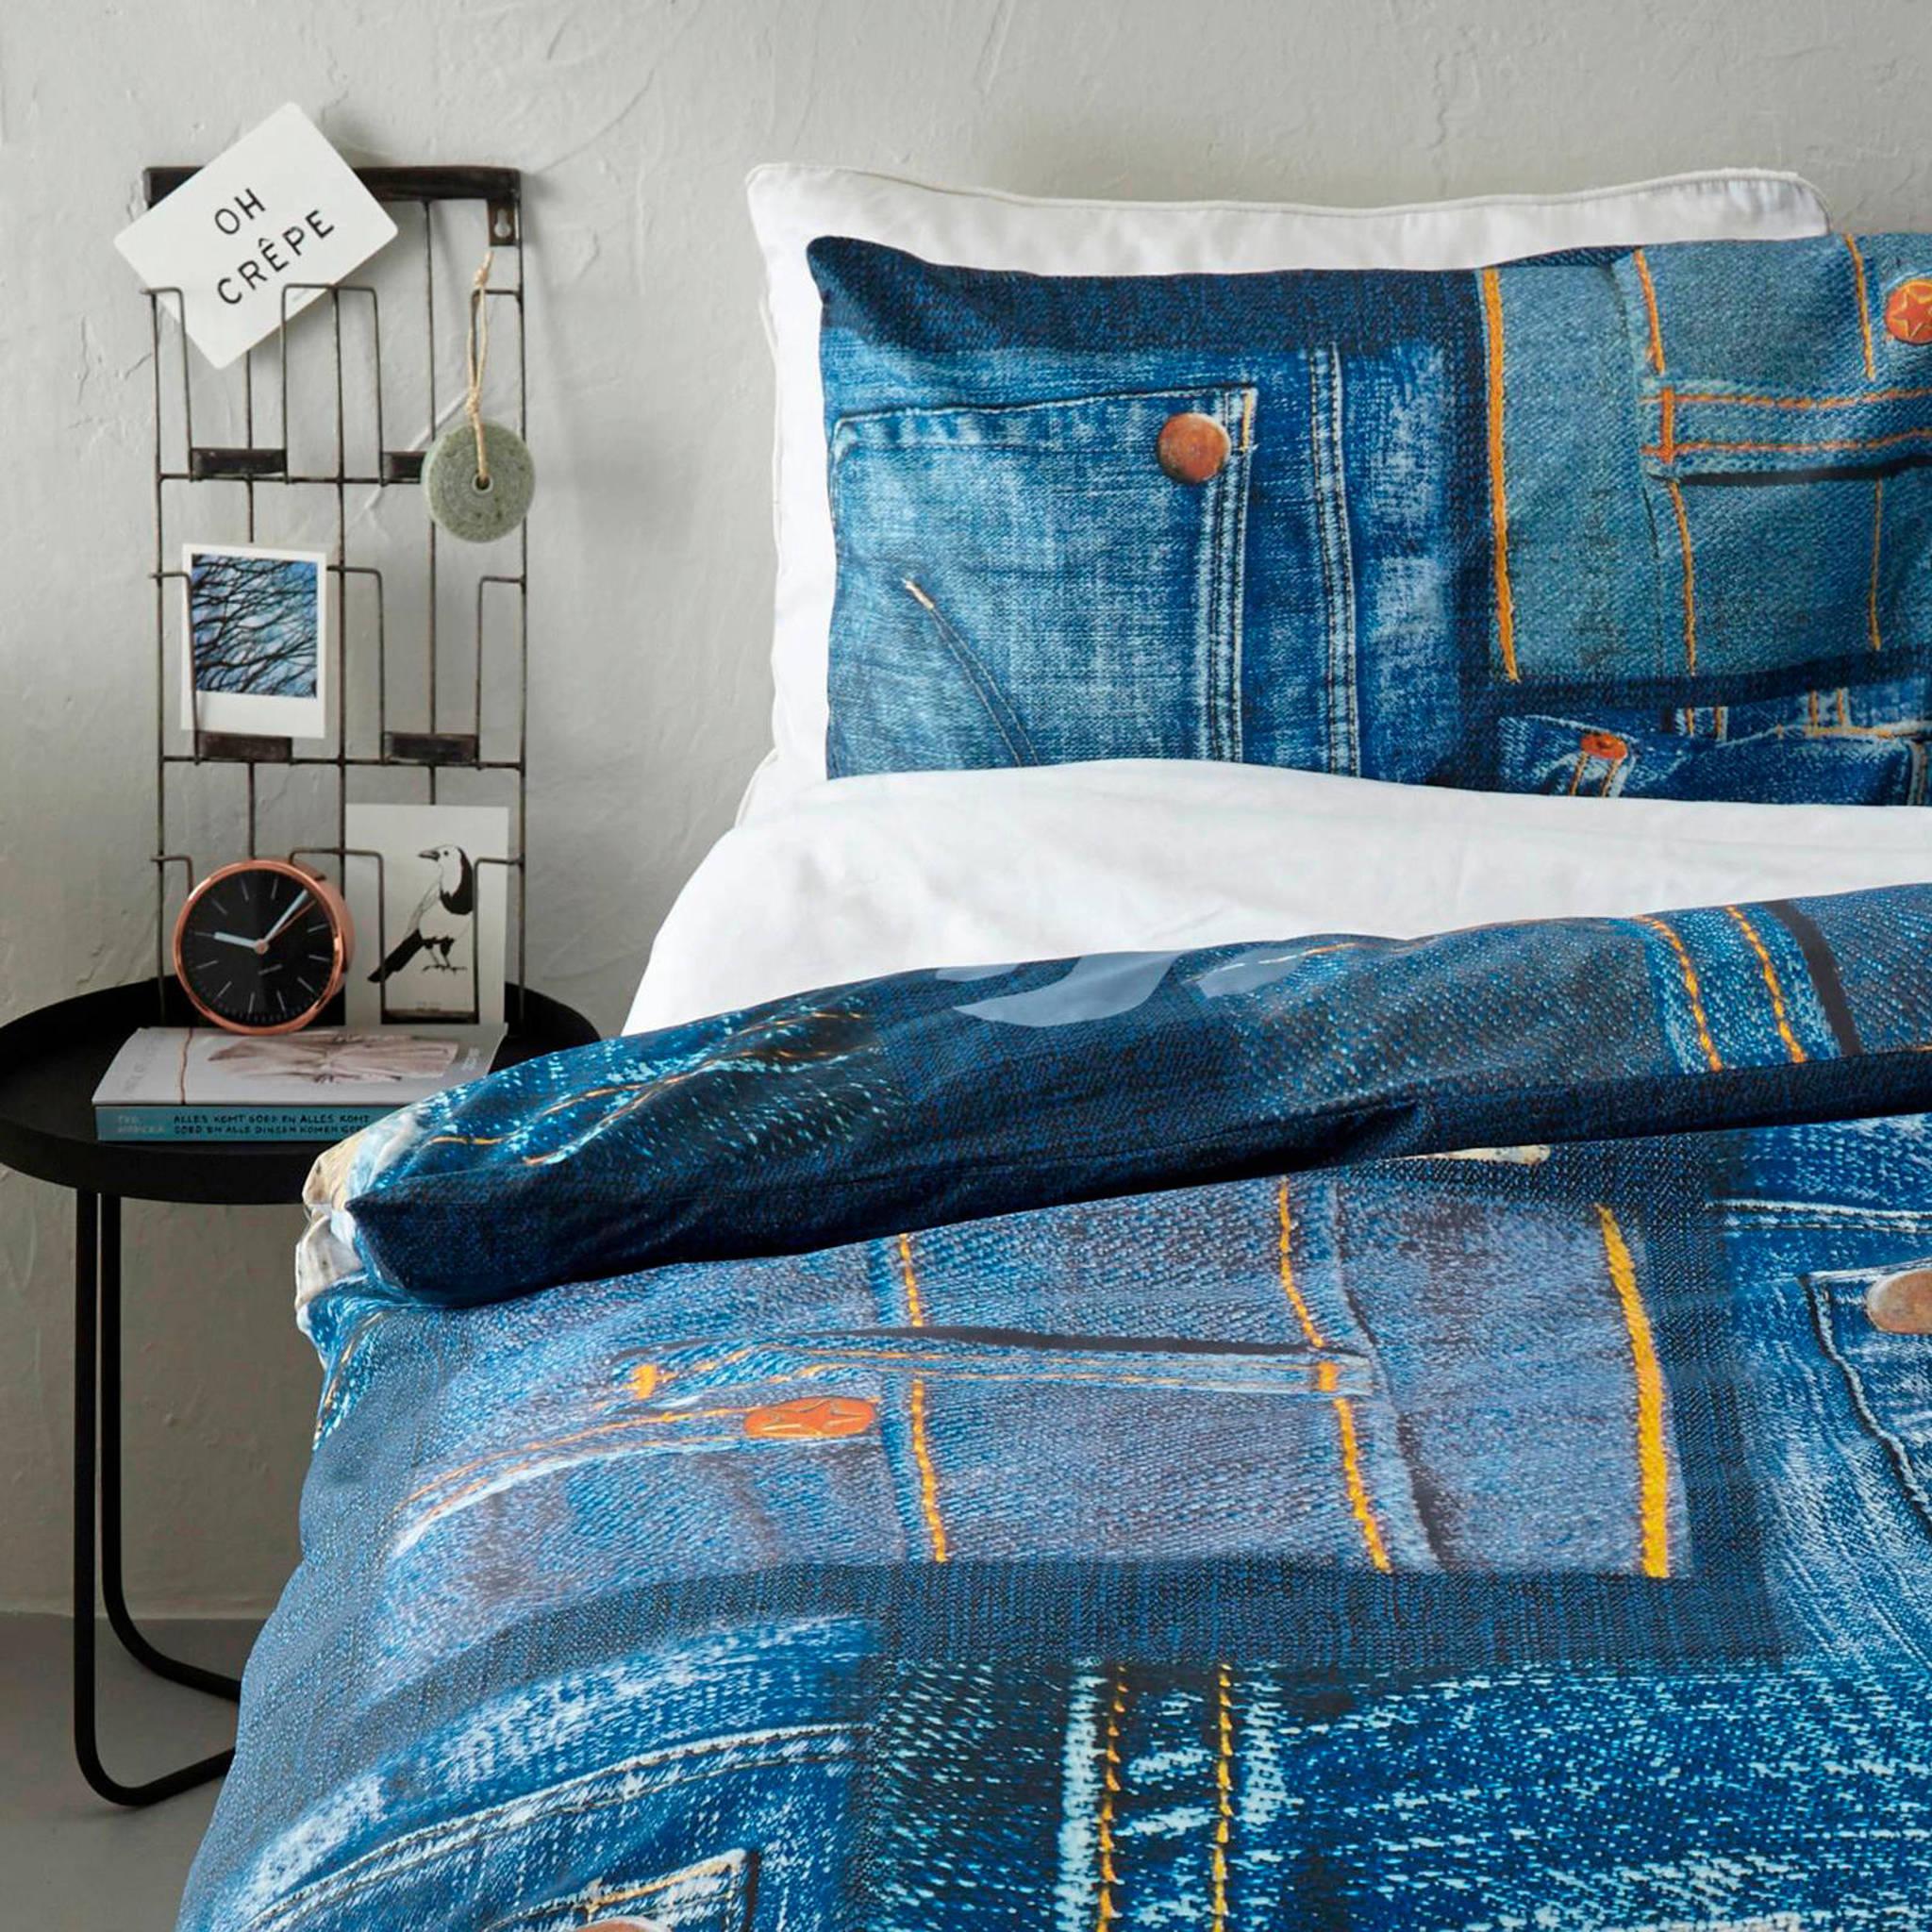 good morning katoenen dekbedovertrek 1 persoons blauw